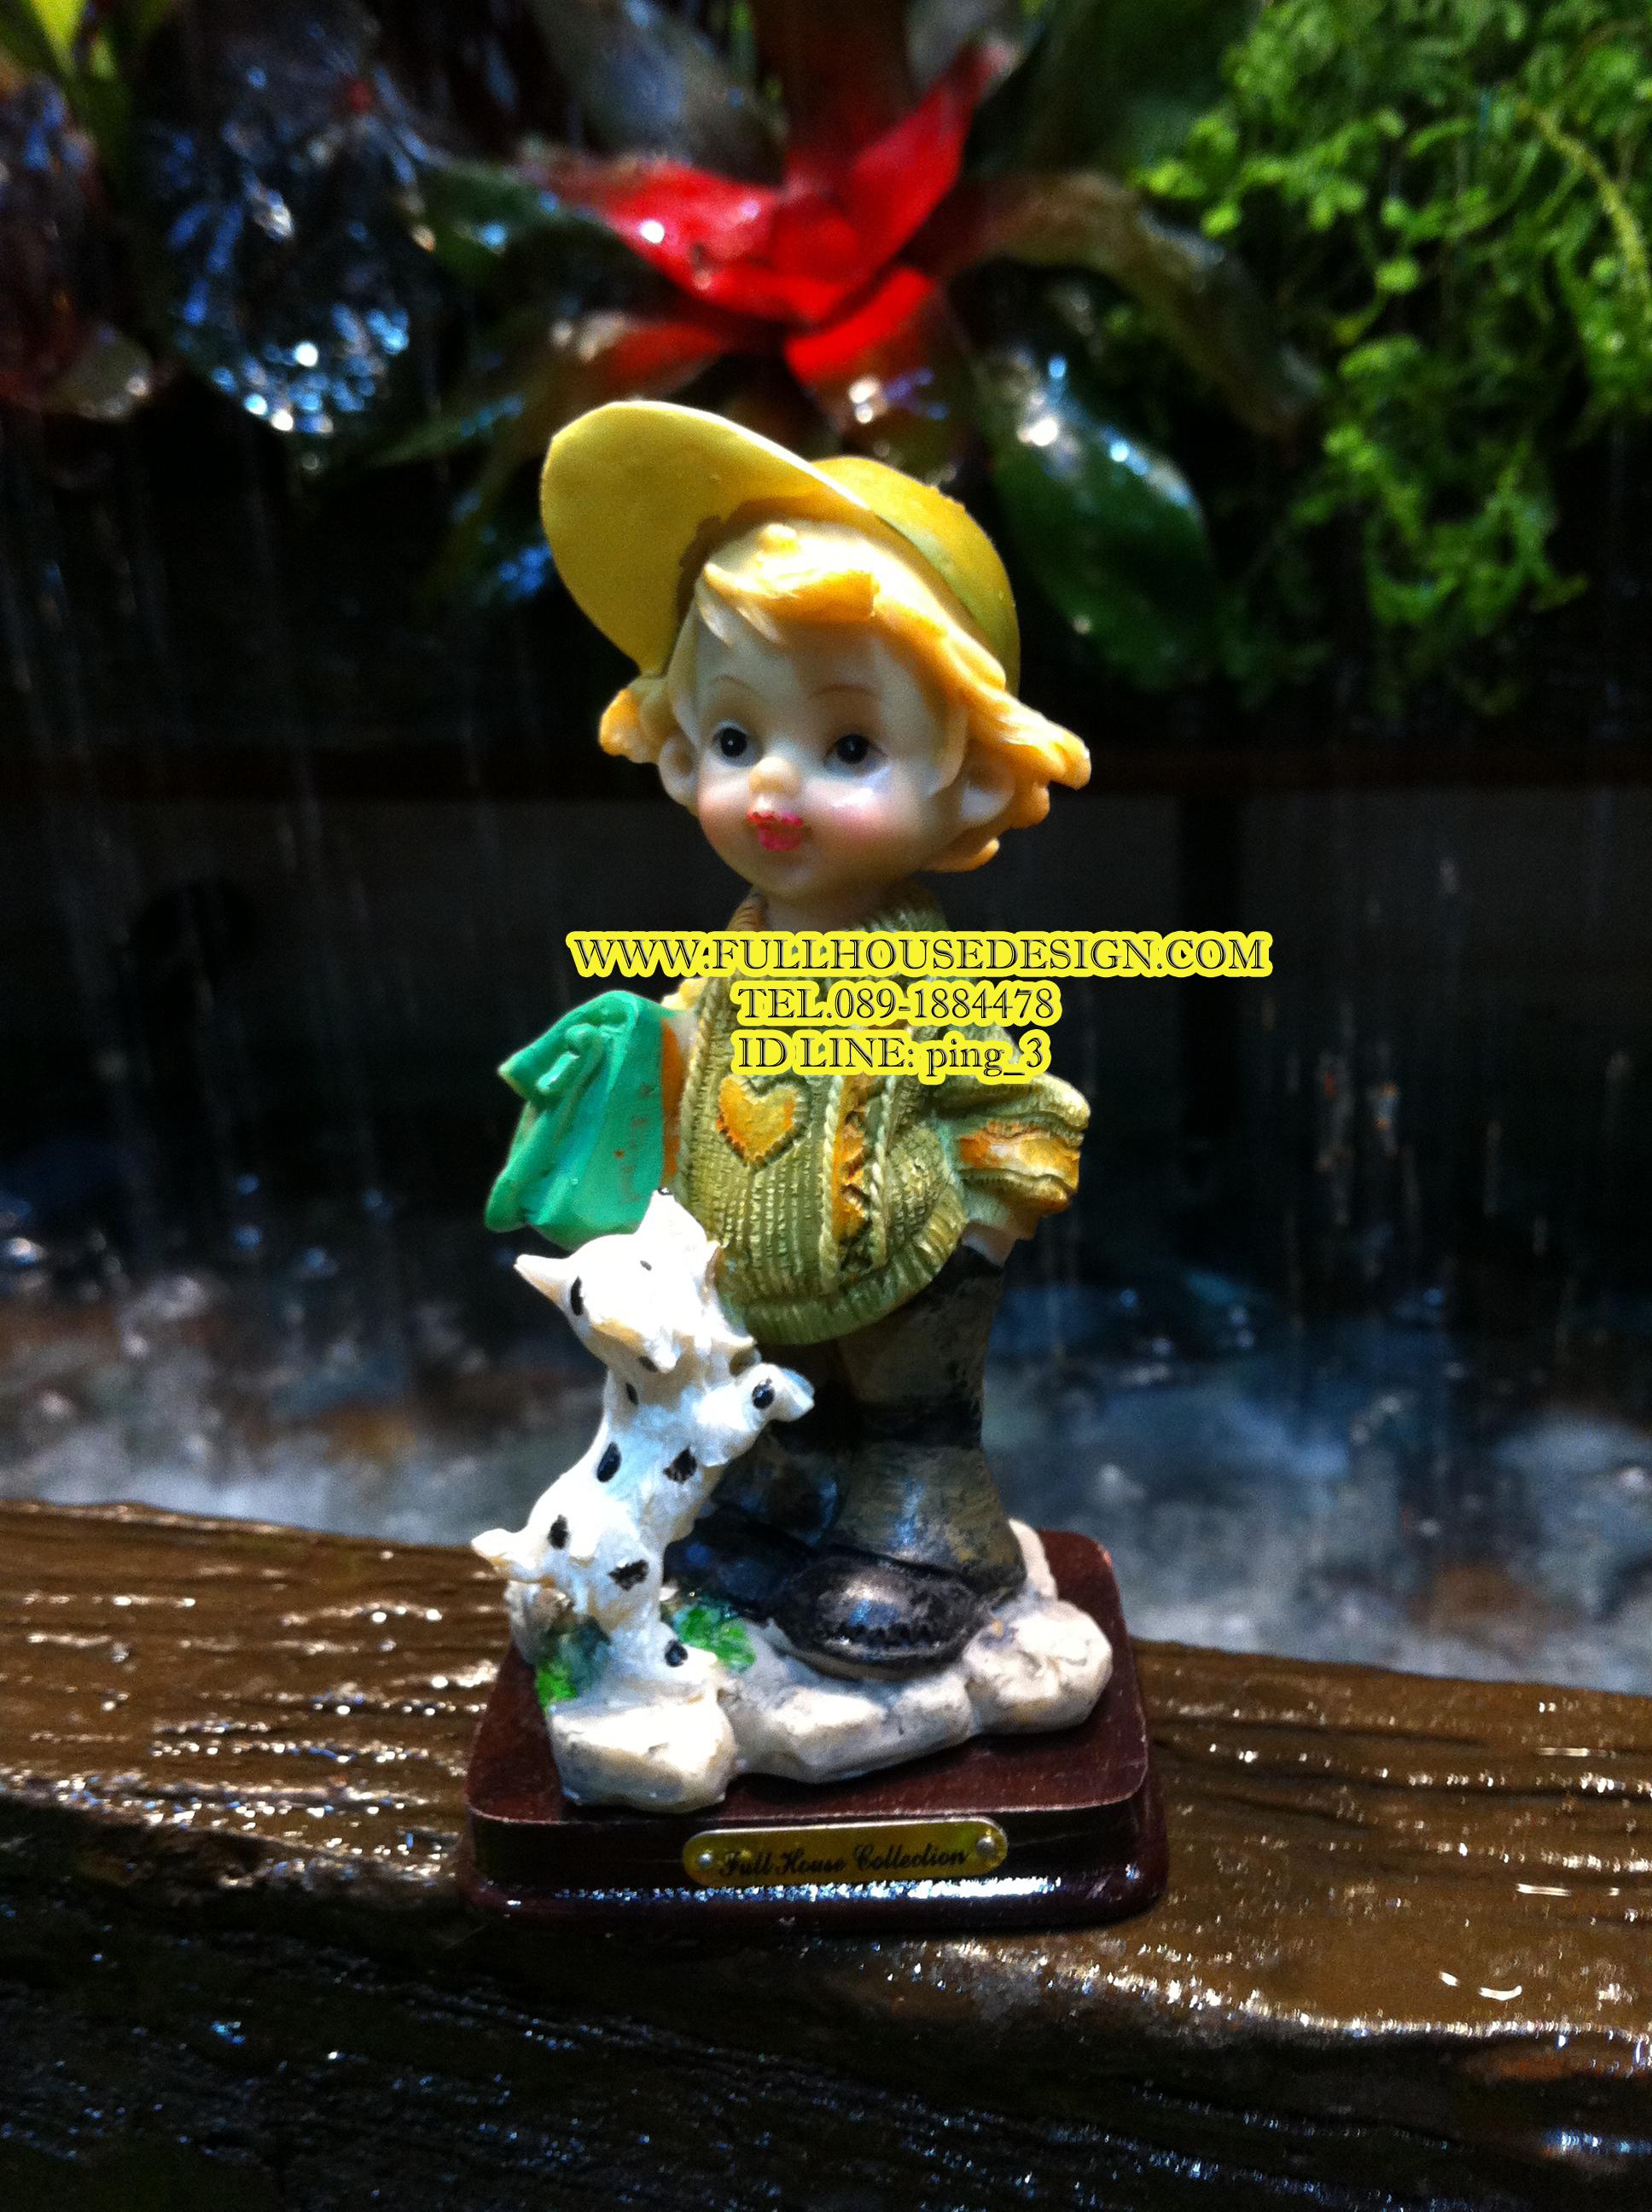 ตุ๊กตา หนุ่มบ้านไร่ ฟูลเฮ้าส์ คอลเล็กชั่น เล็ก ท่าที่ 2